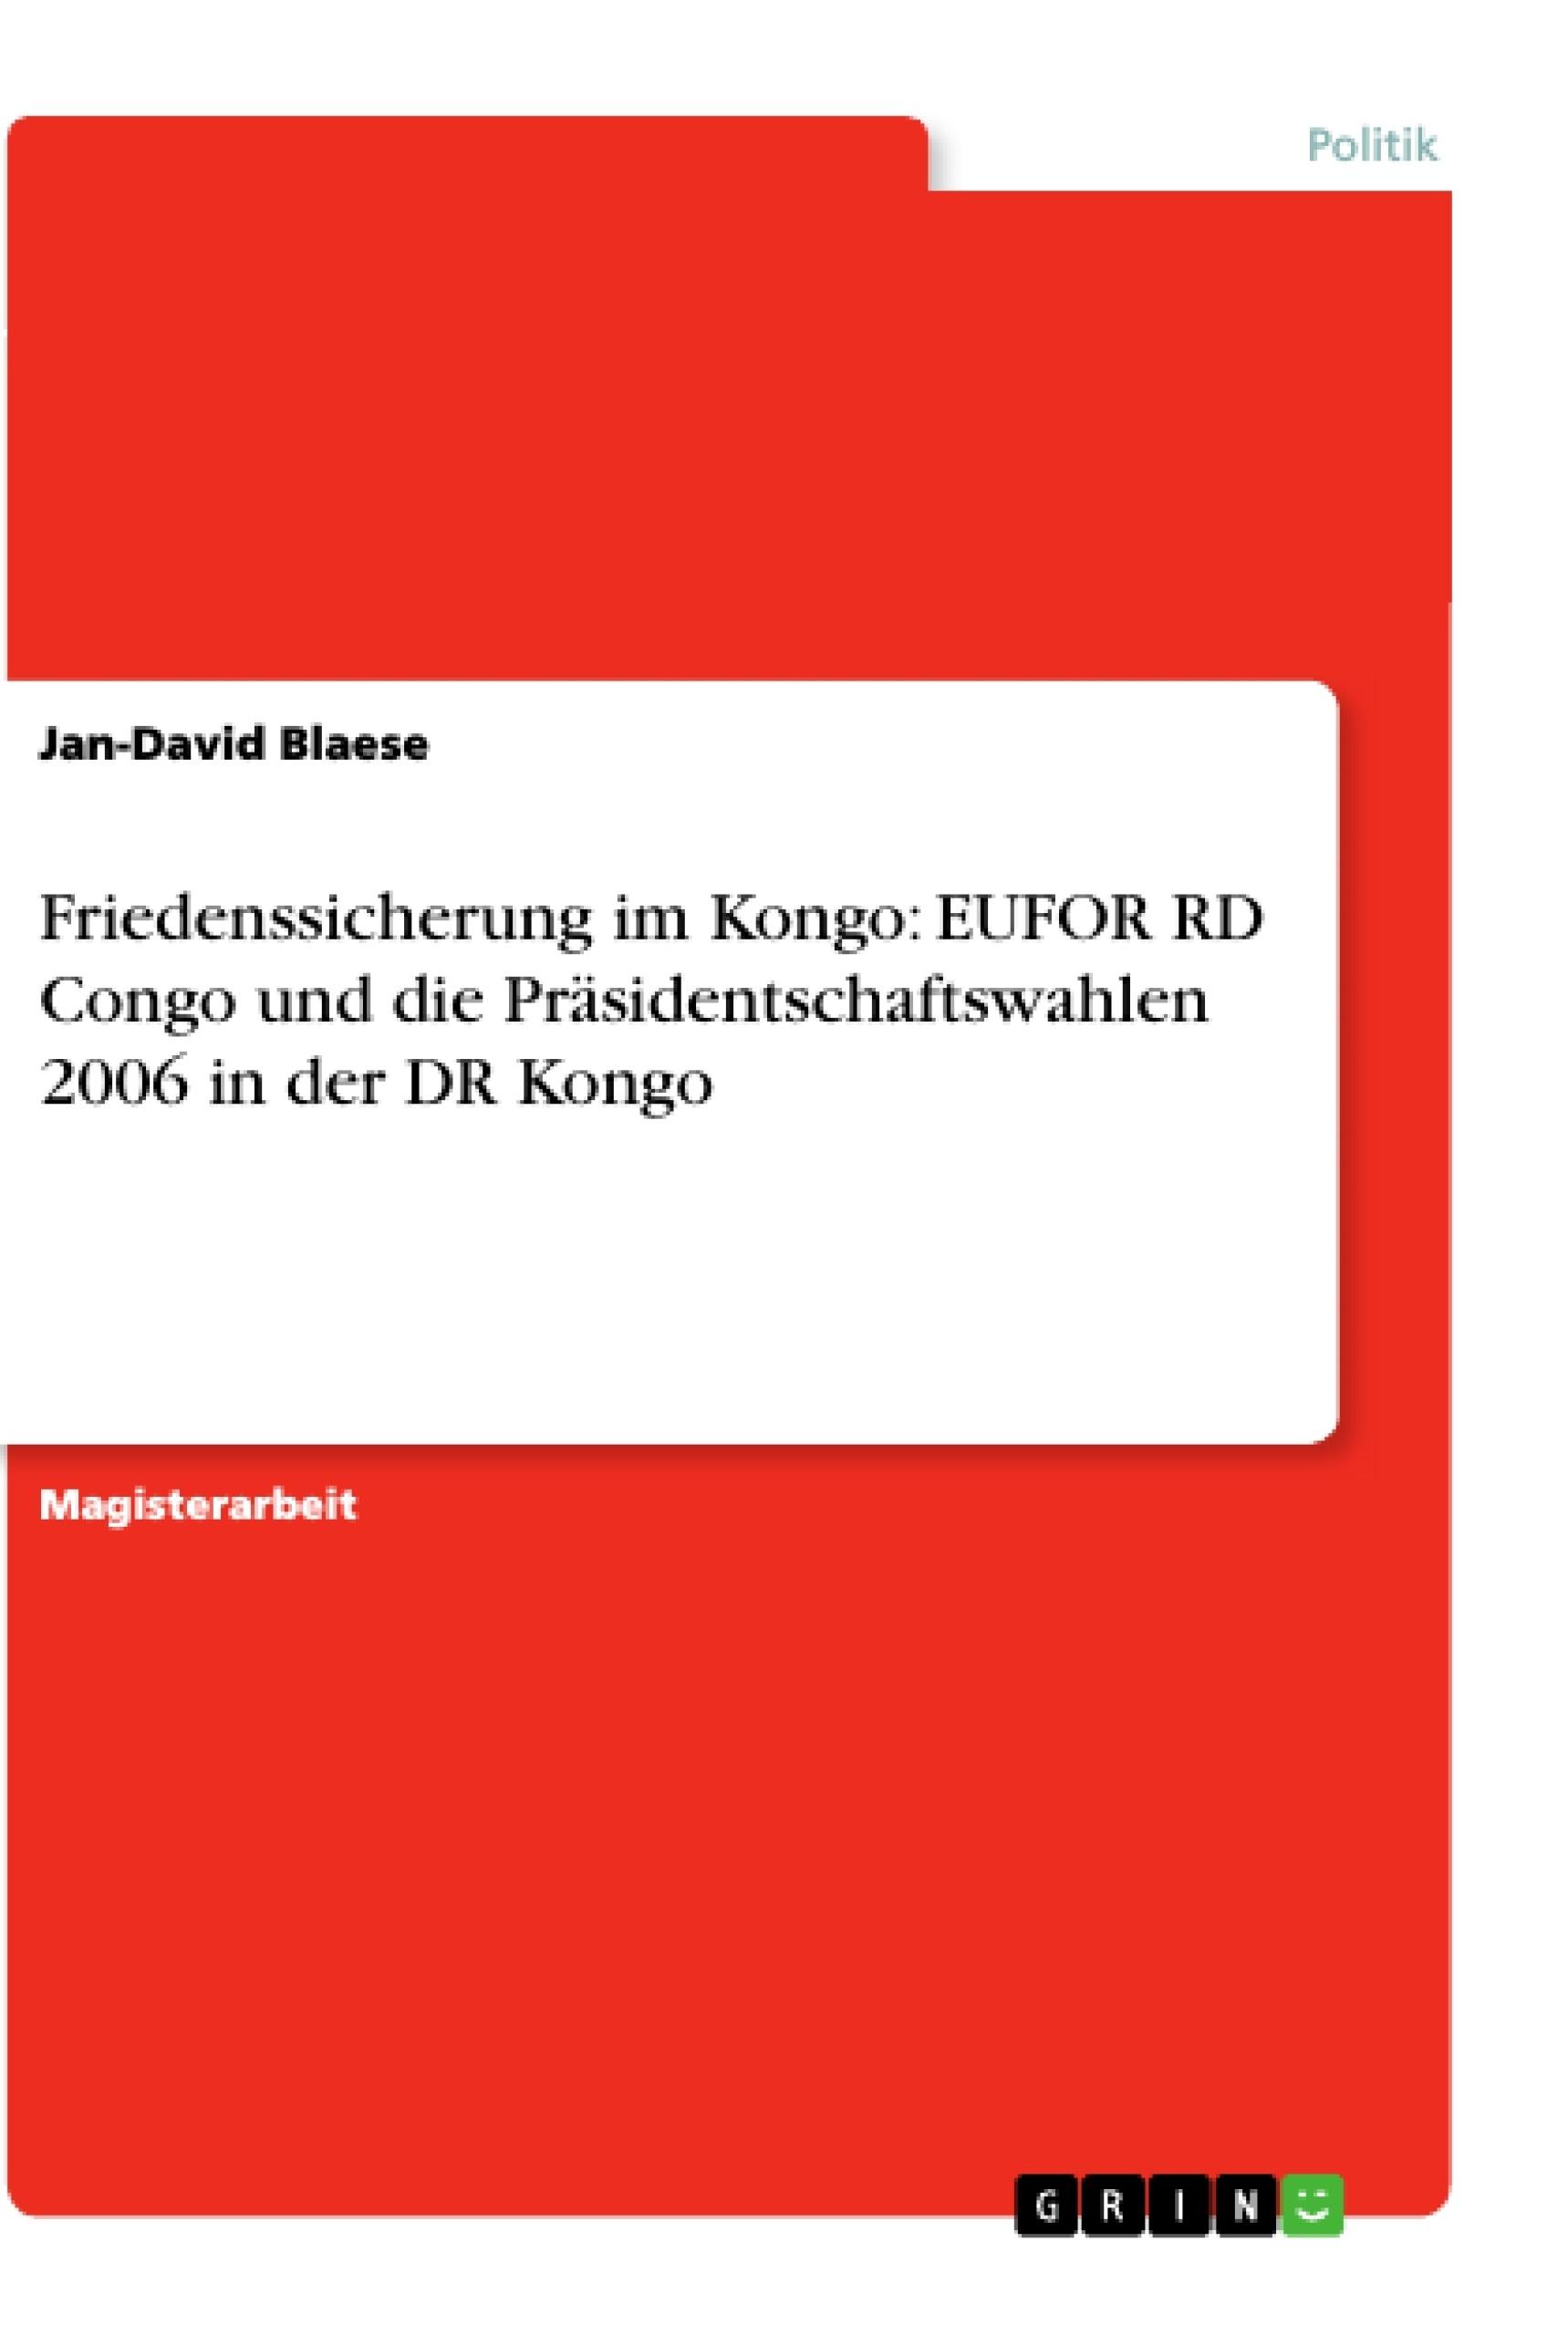 Titel: Friedenssicherung im Kongo: EUFOR RD Congo und die Präsidentschaftswahlen 2006 in der DR Kongo